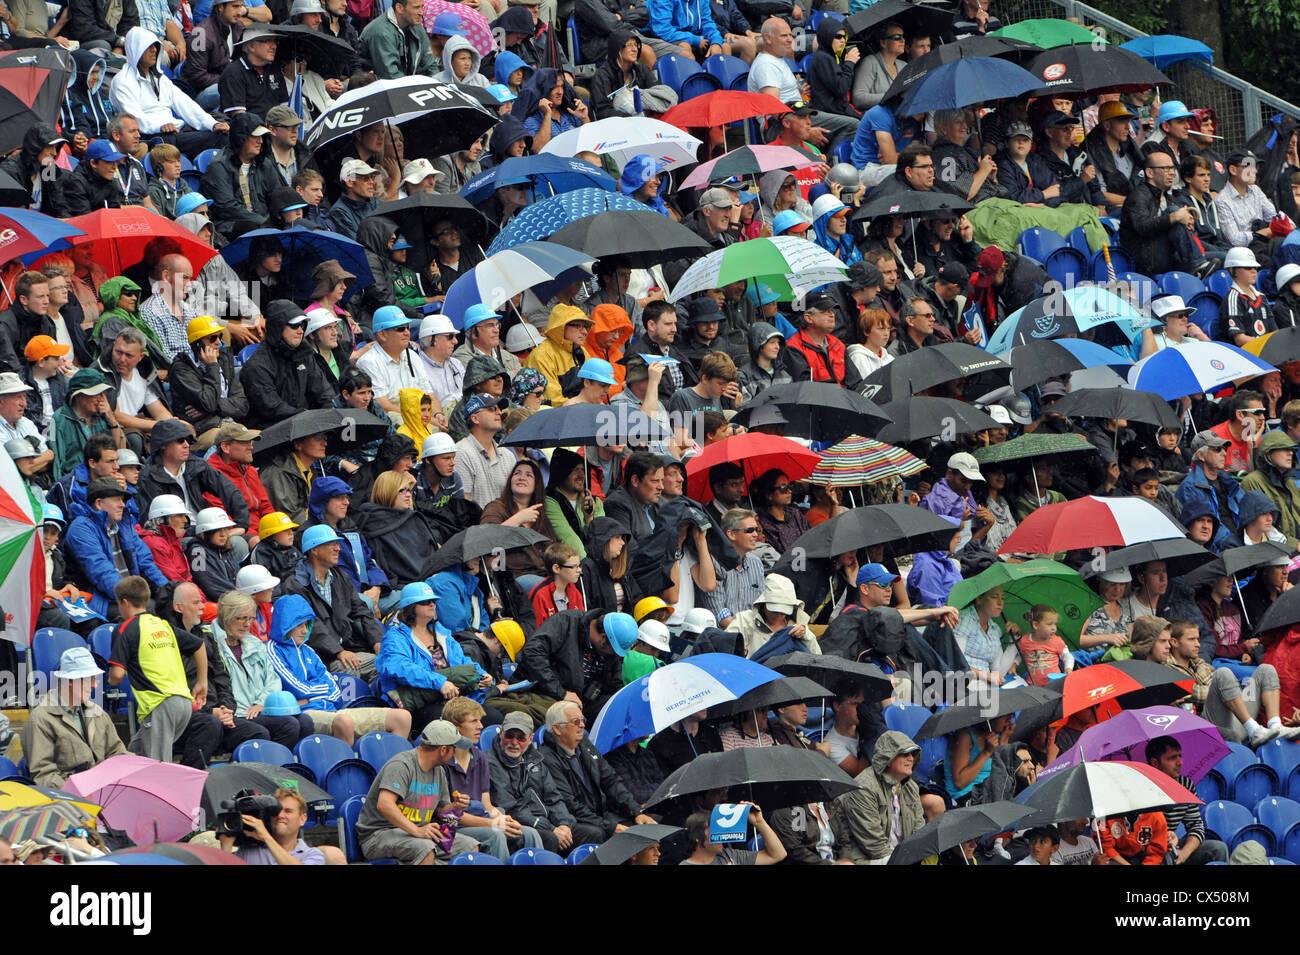 Schirme herauskommen, wie starker Regen während der Cricket Twenty20 Finale Day 2012 im Swalec Stadium in Cardiff Stockbild